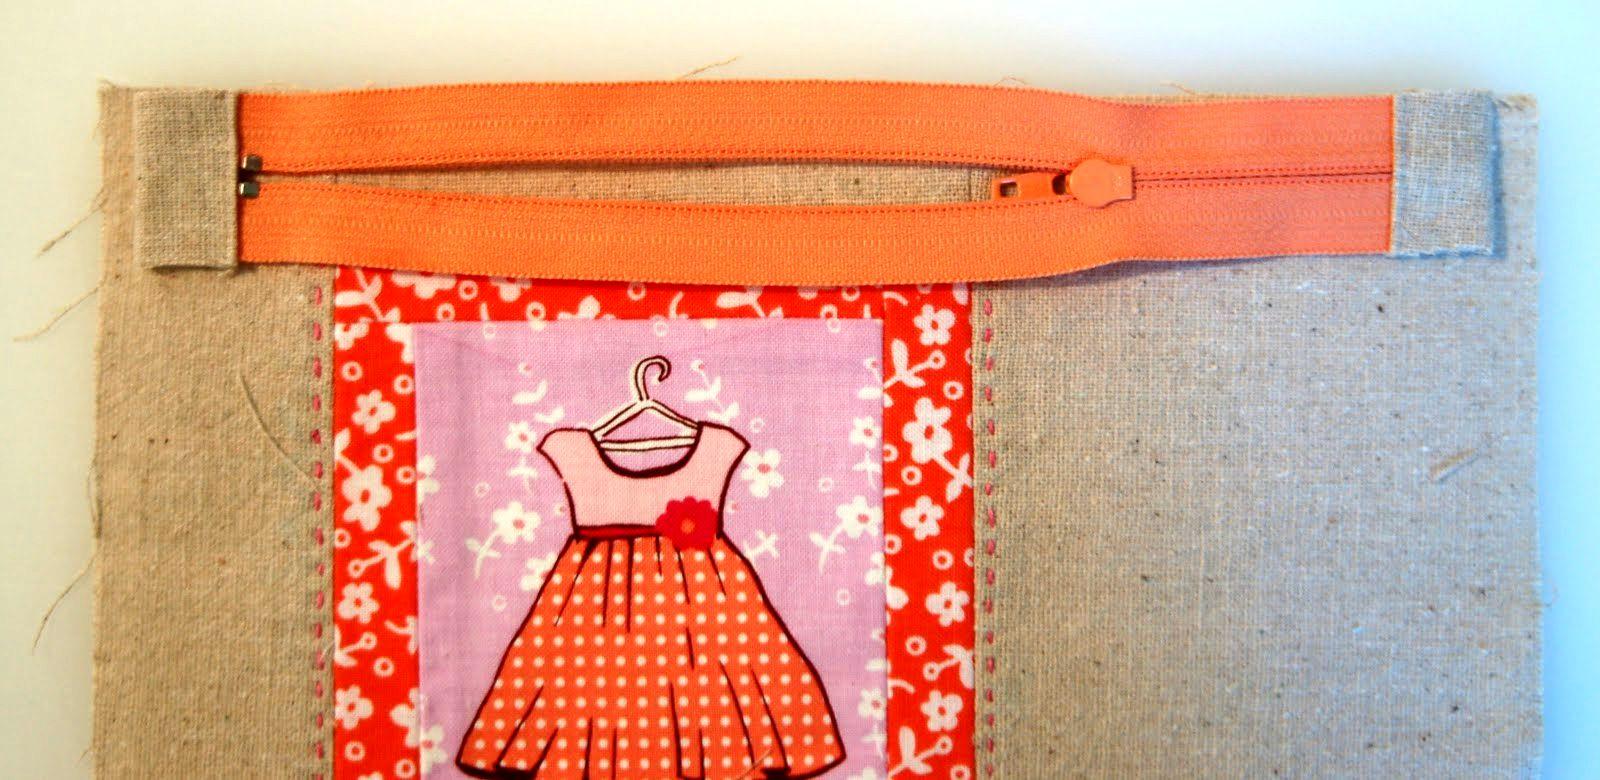 Fussy Cut Zipper Pouch Tutorial + Pattern